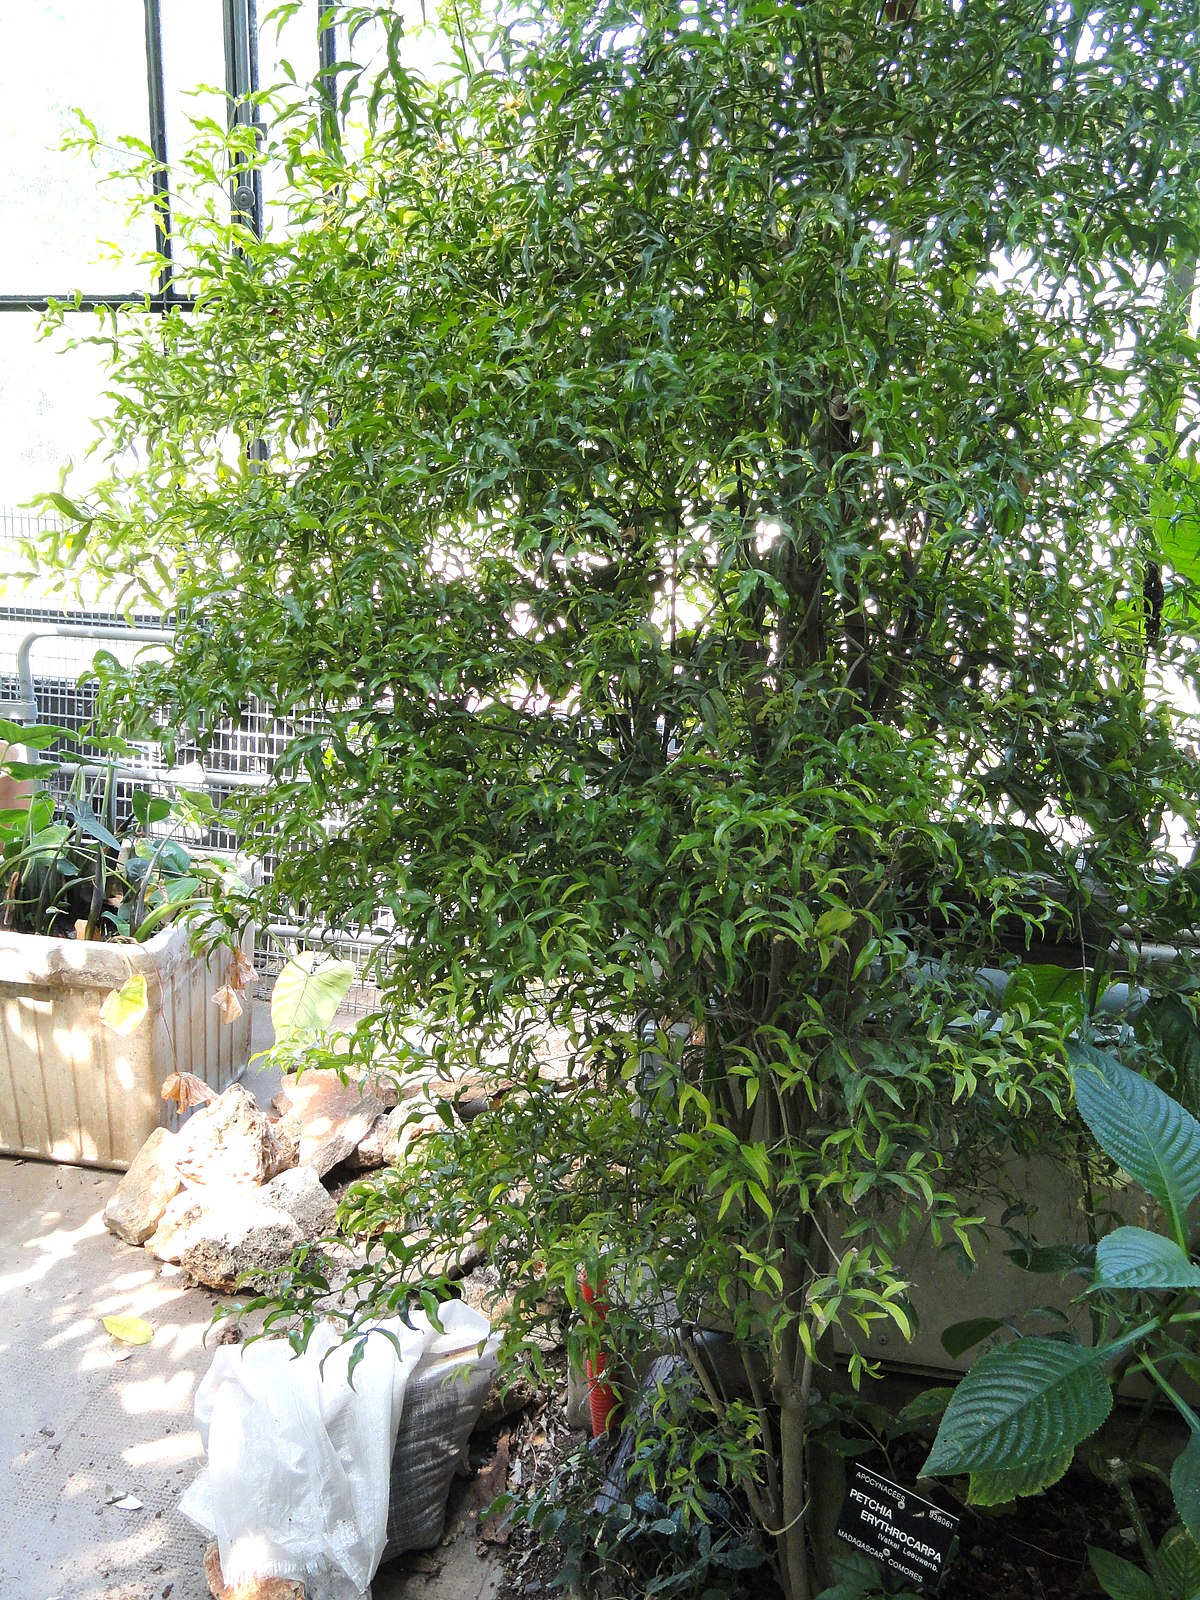 Petchia wikidata for Bal des citrouilles jardin botanique